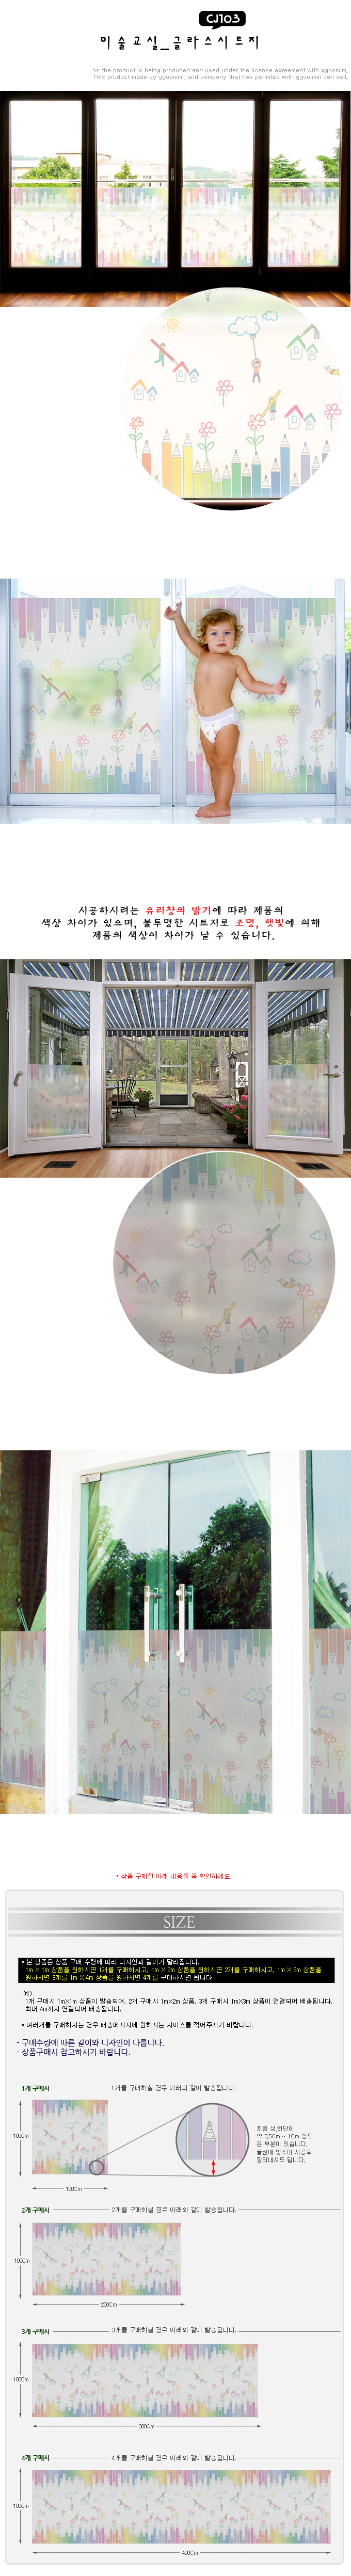 cj103-미술교실_글라스시트지_글라스시트지 - 꾸밈, 16,000원, 벽시/시트지, 디자인 시트지